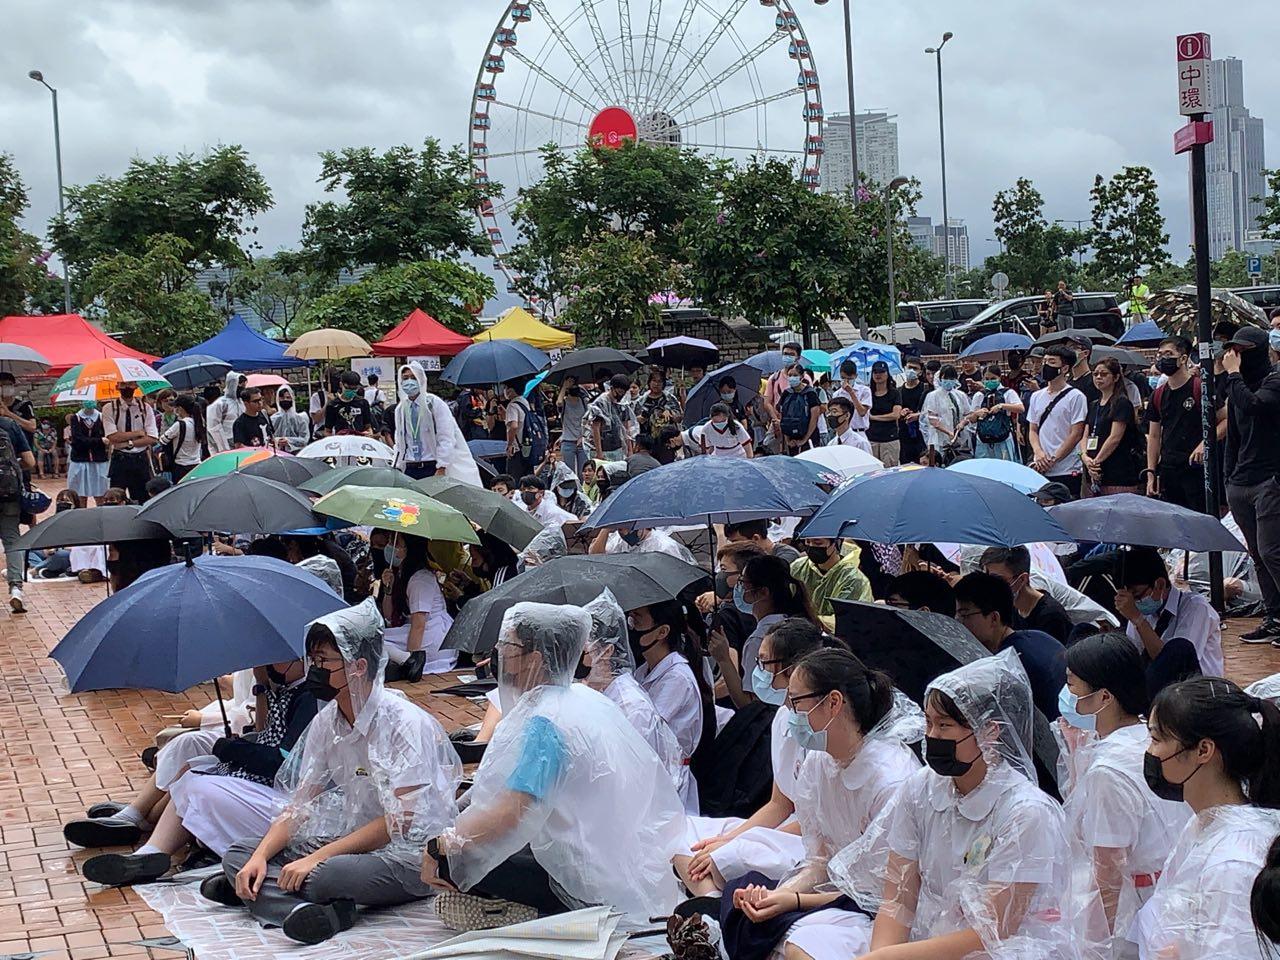 港島罷課集會 學生:恐襲讓我更堅定走上街頭